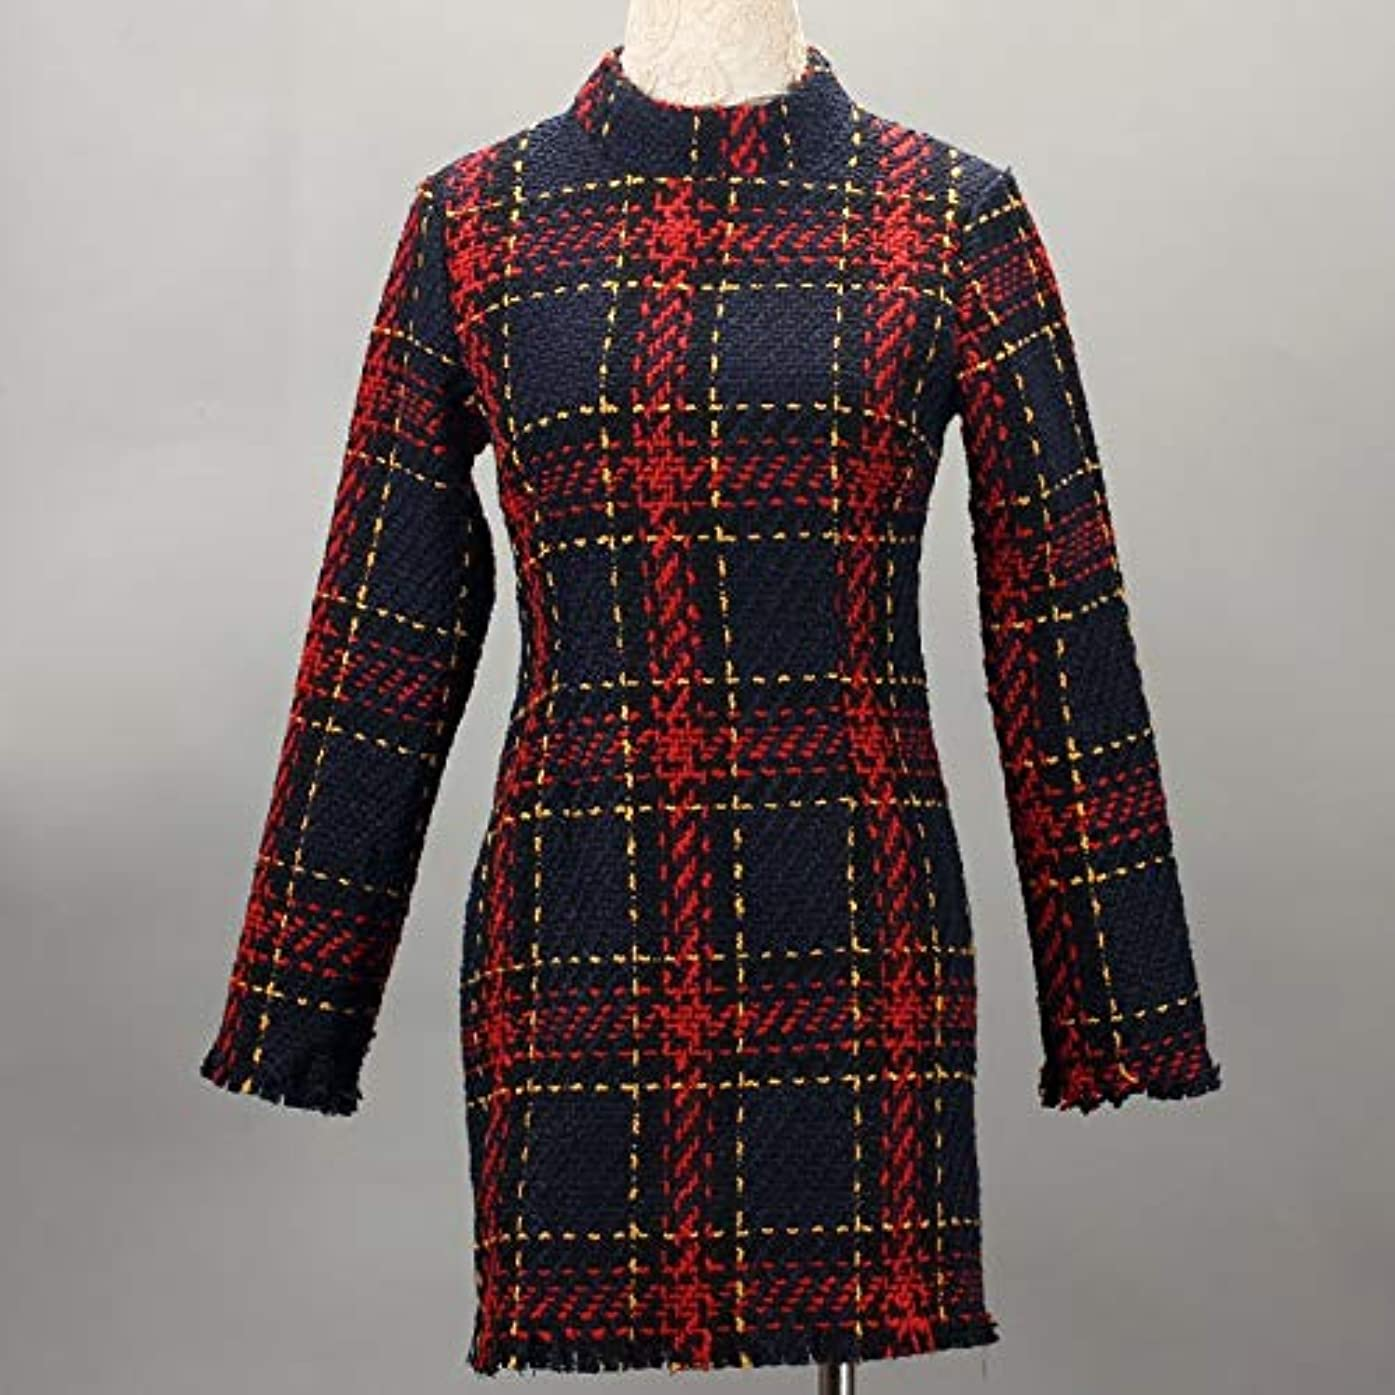 ランチ欺く経験者Onderroa - ファッション冬のドレスの女性は、ストライプ長袖スリムスキニーセクシーなミニボディコンヴィンテージvestidosドレスの女性を印刷PLAID